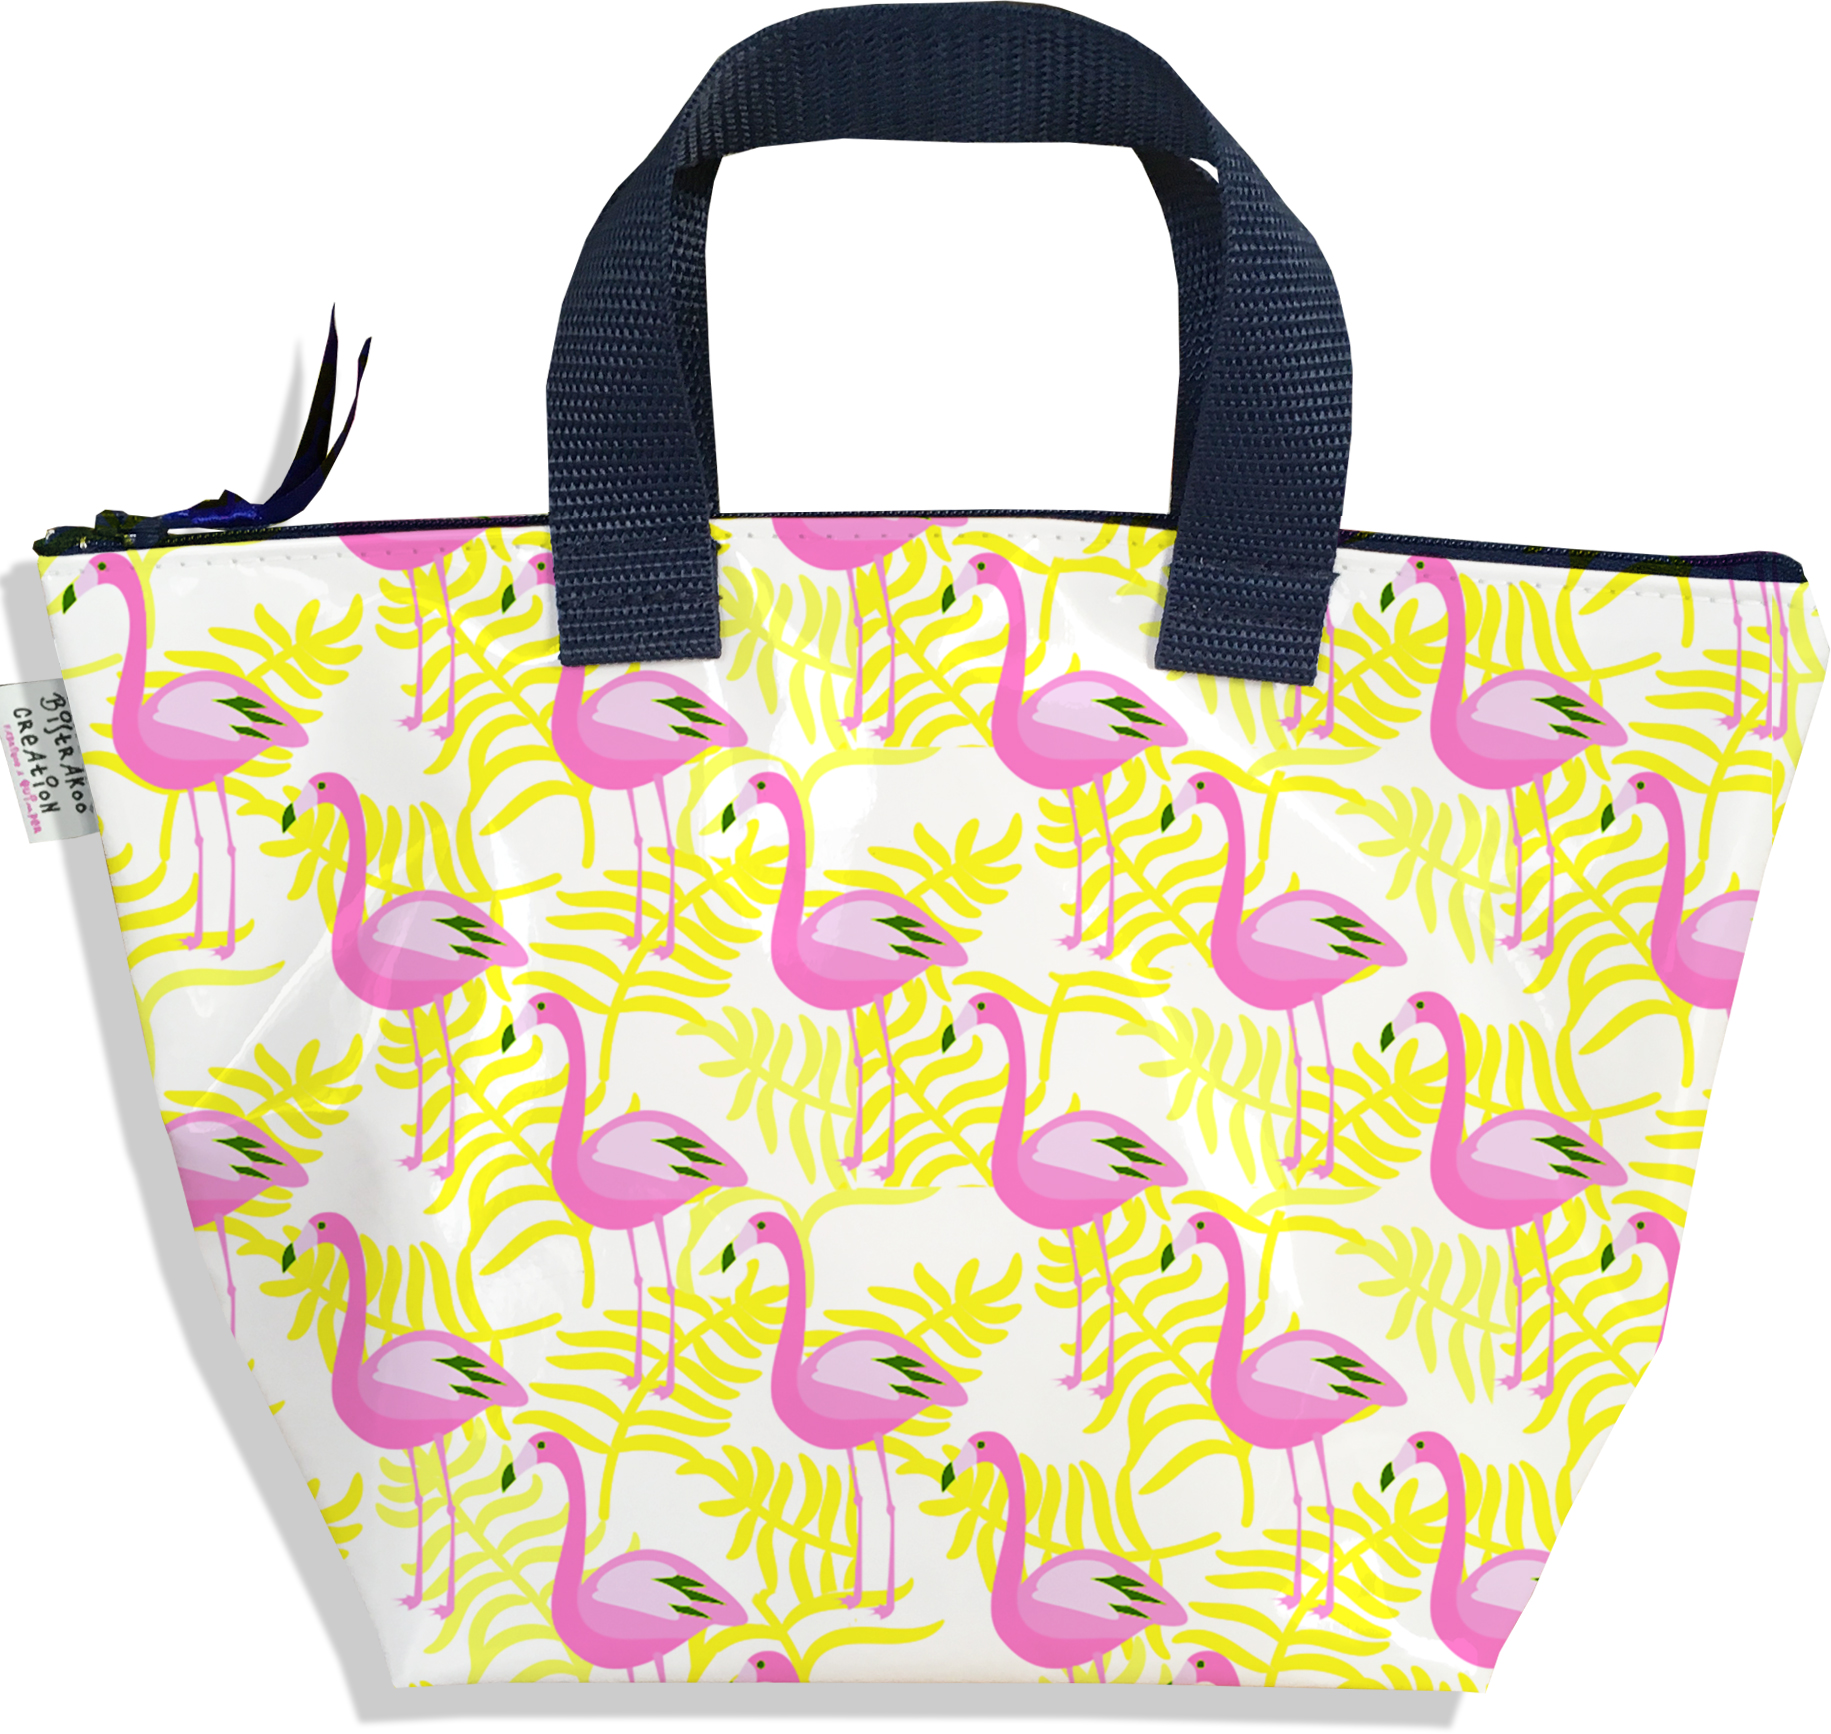 Sac à main zippé pour fille motif flamants roses et feuillage jaune 2541-2016